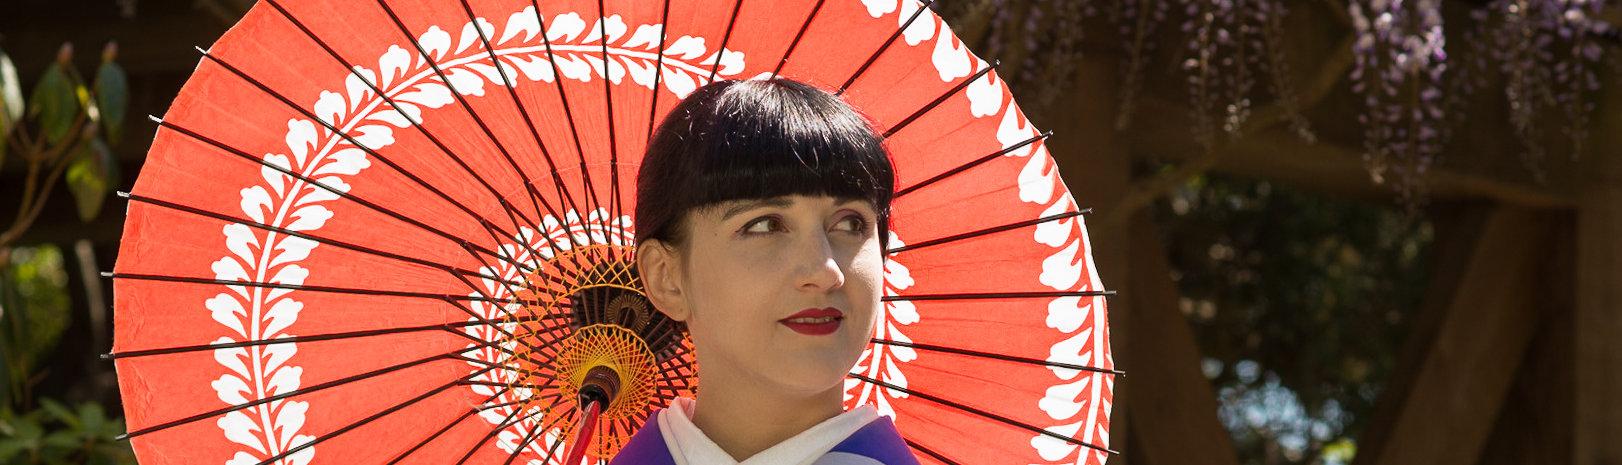 Japonský večírek, japonské tance, samurajové, gejši